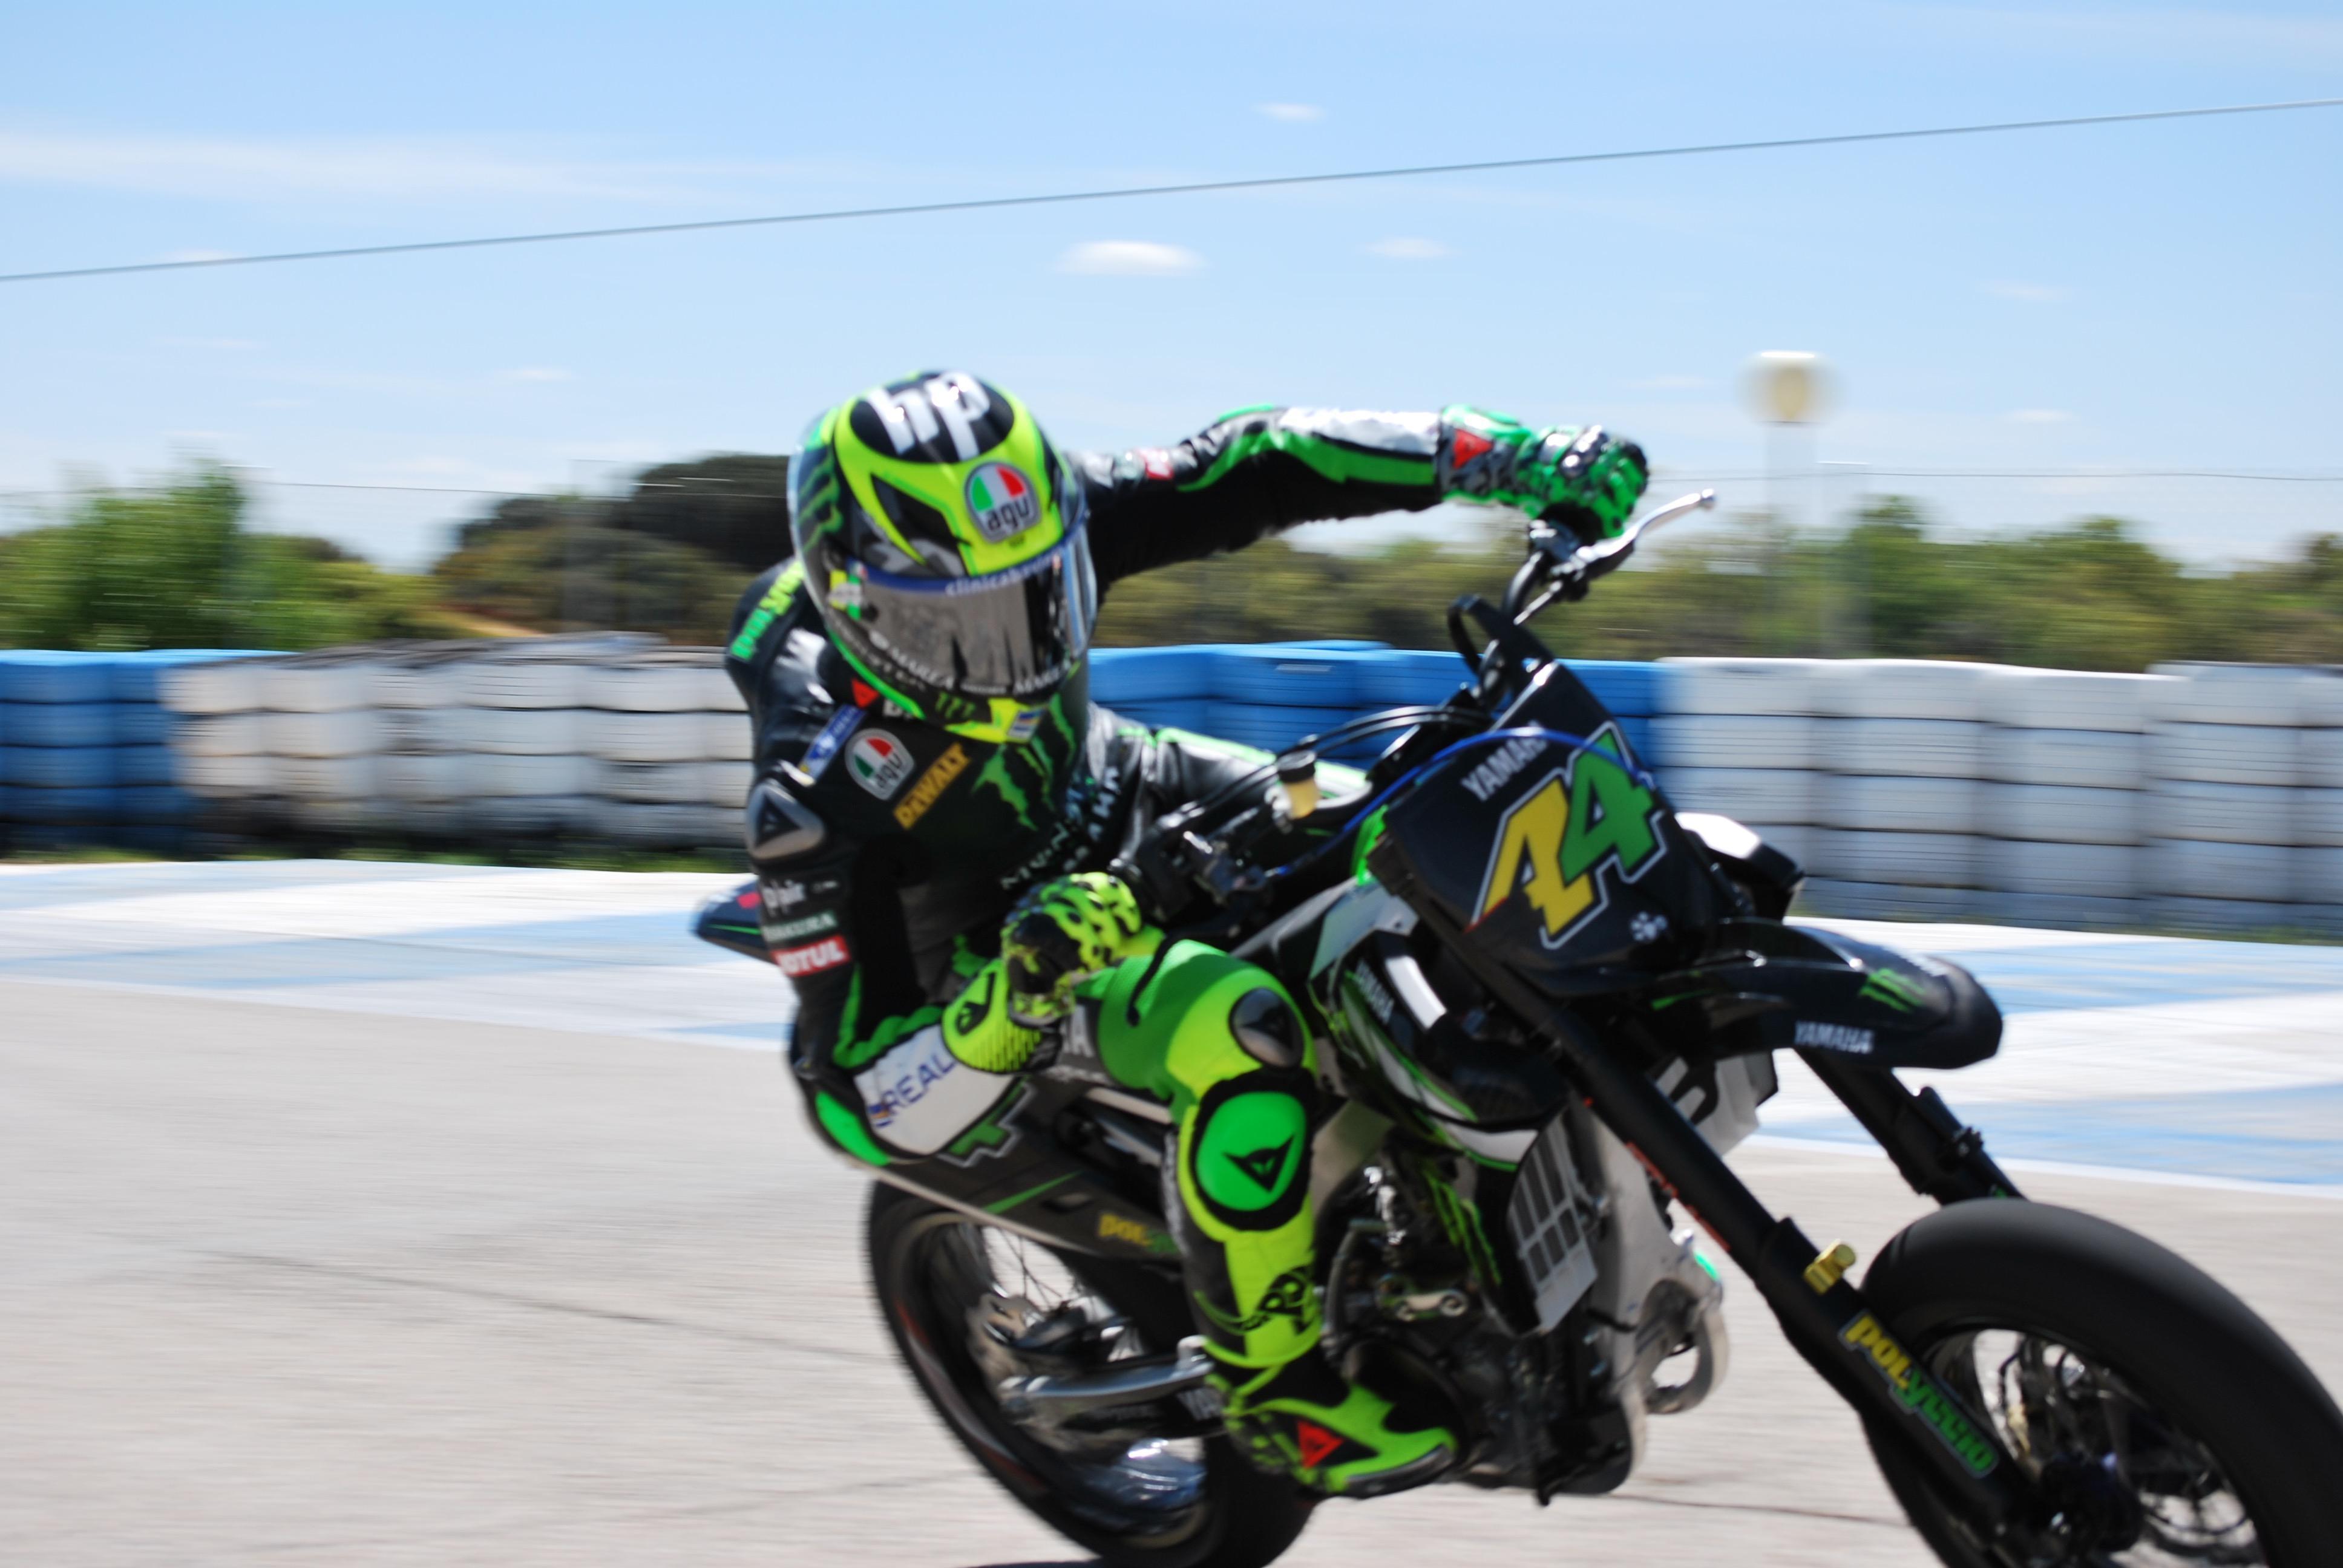 Pol Espargaró durante una maniobra en un circuito de motociclismo